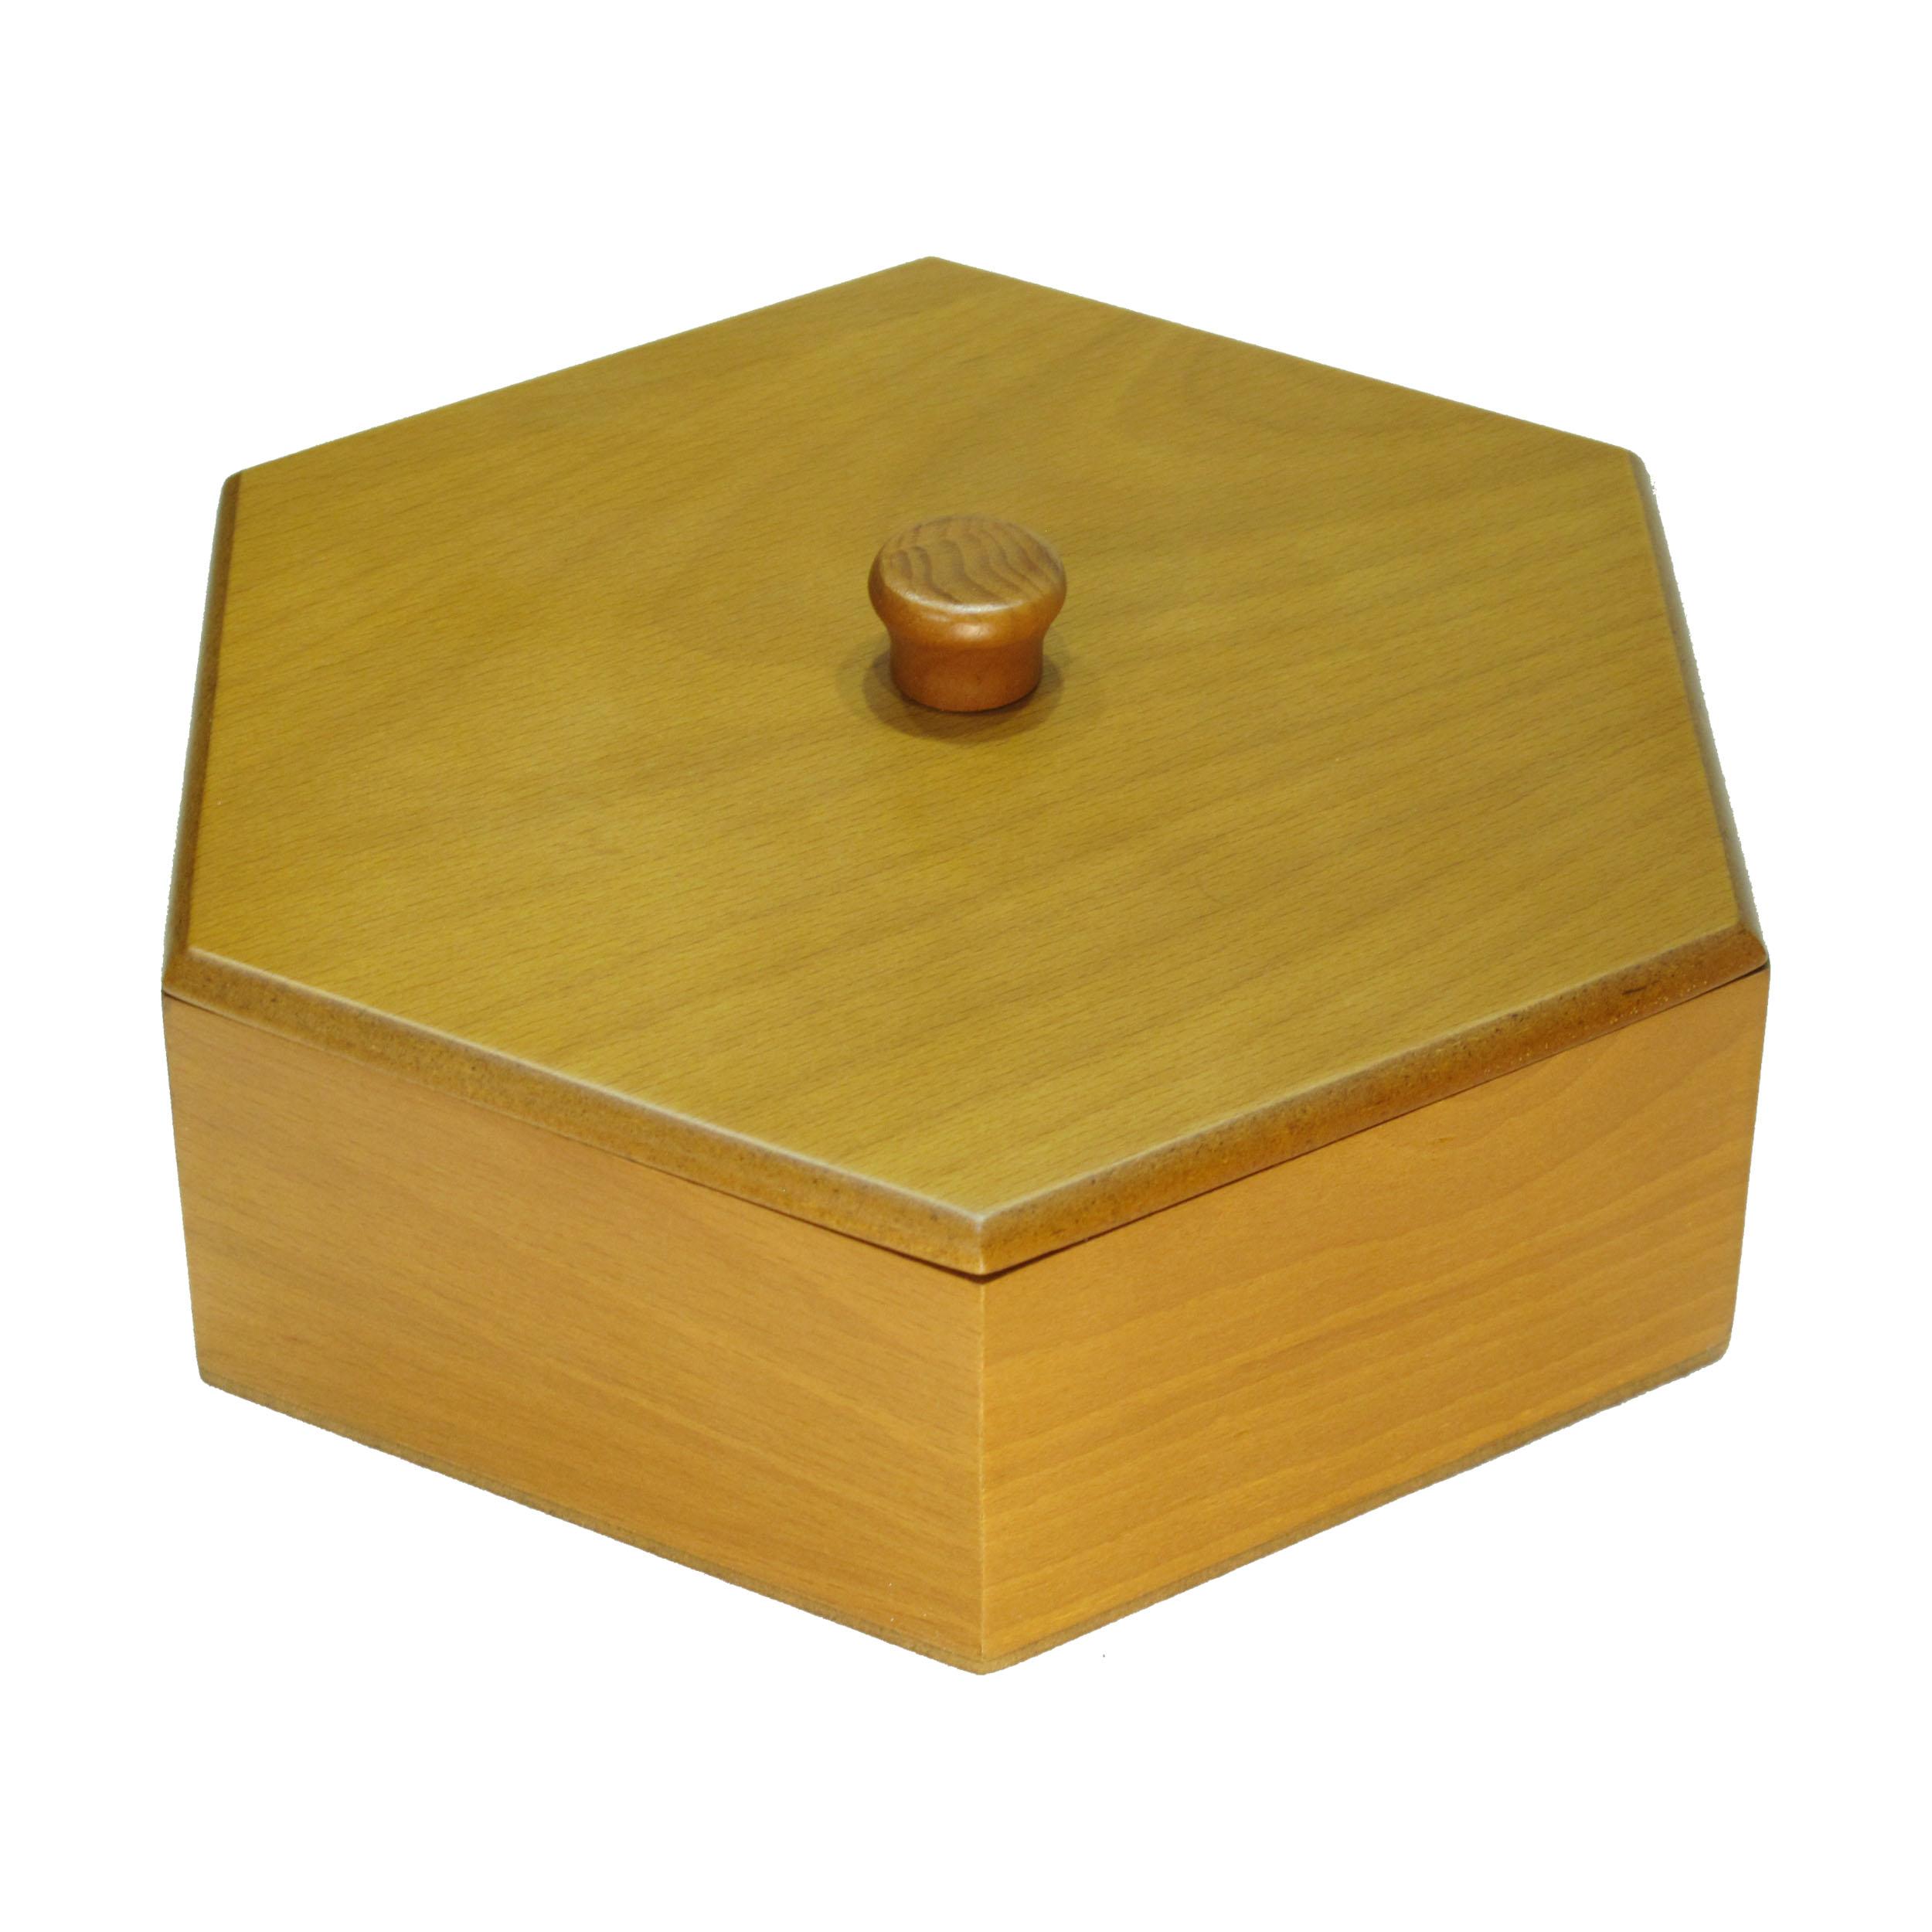 جعبه پذیرایی مدل  6460